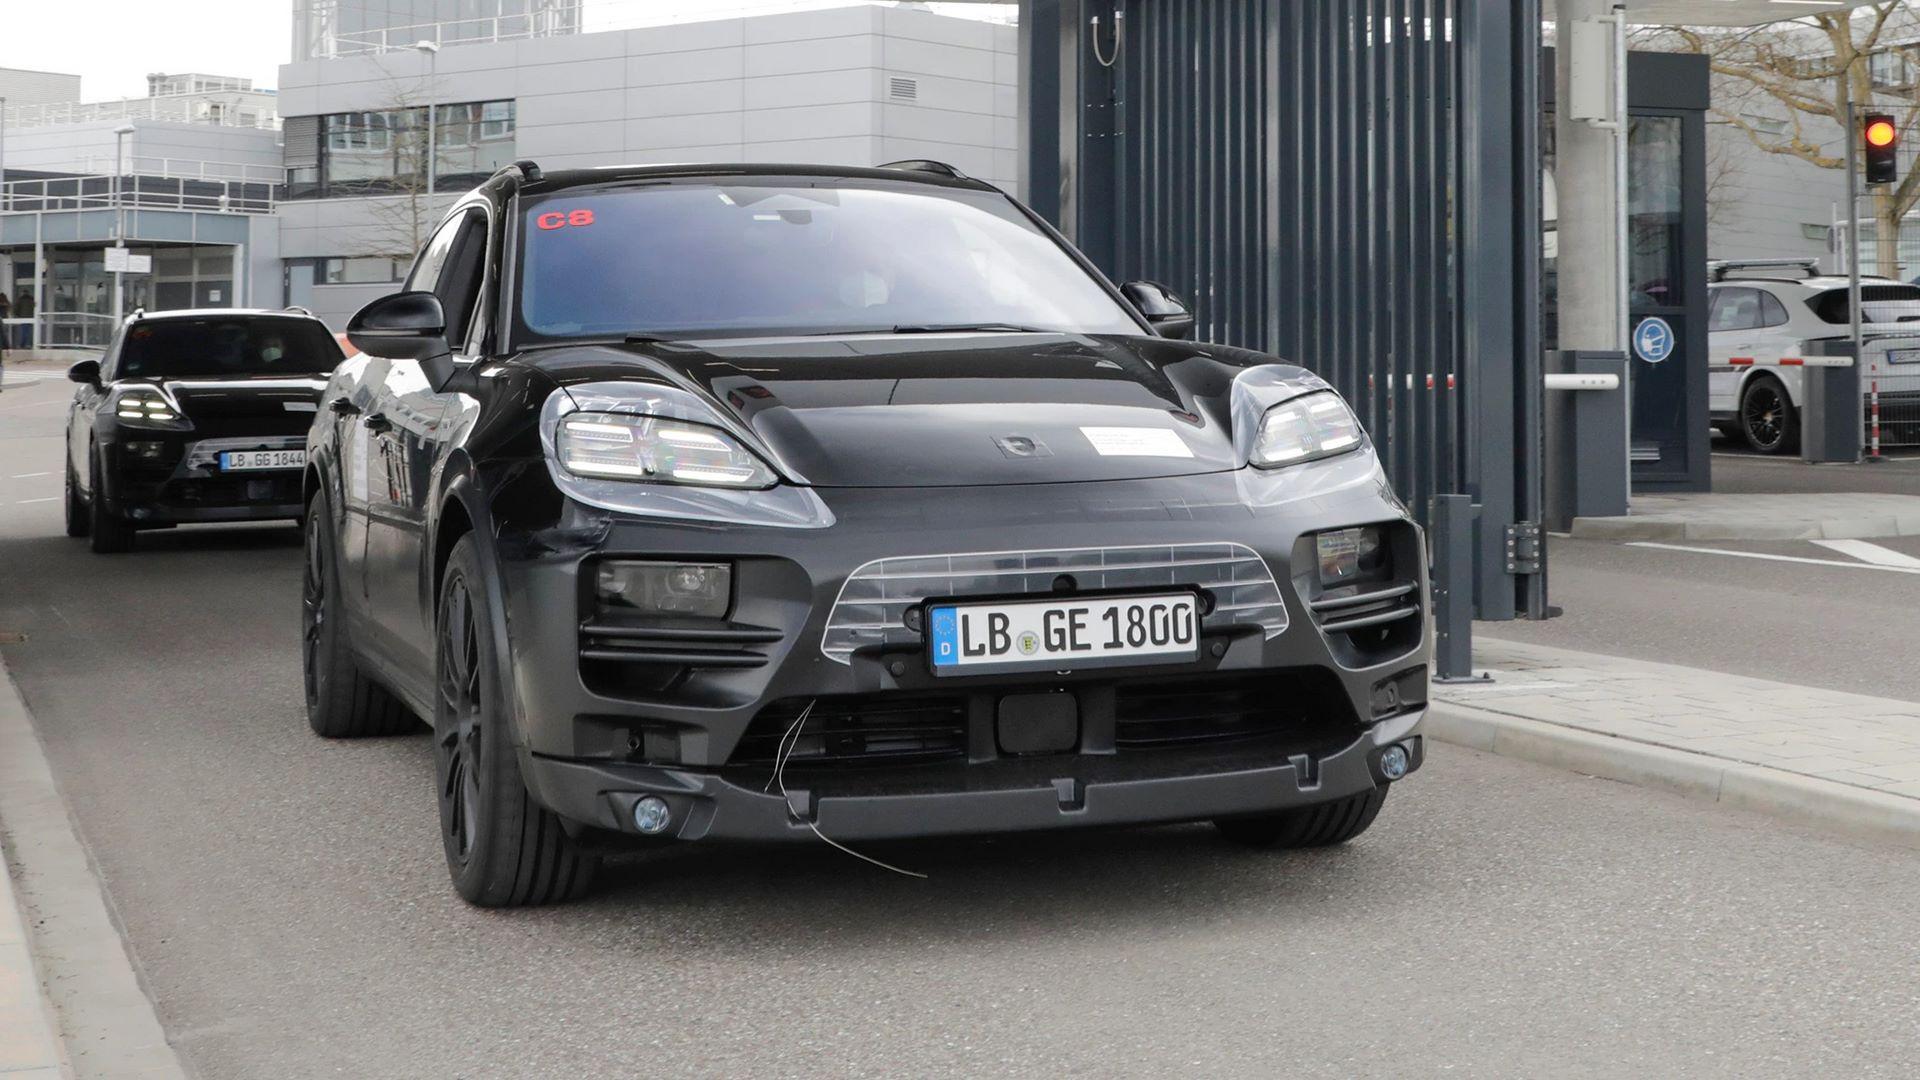 Porsche-Macan-Electric-1